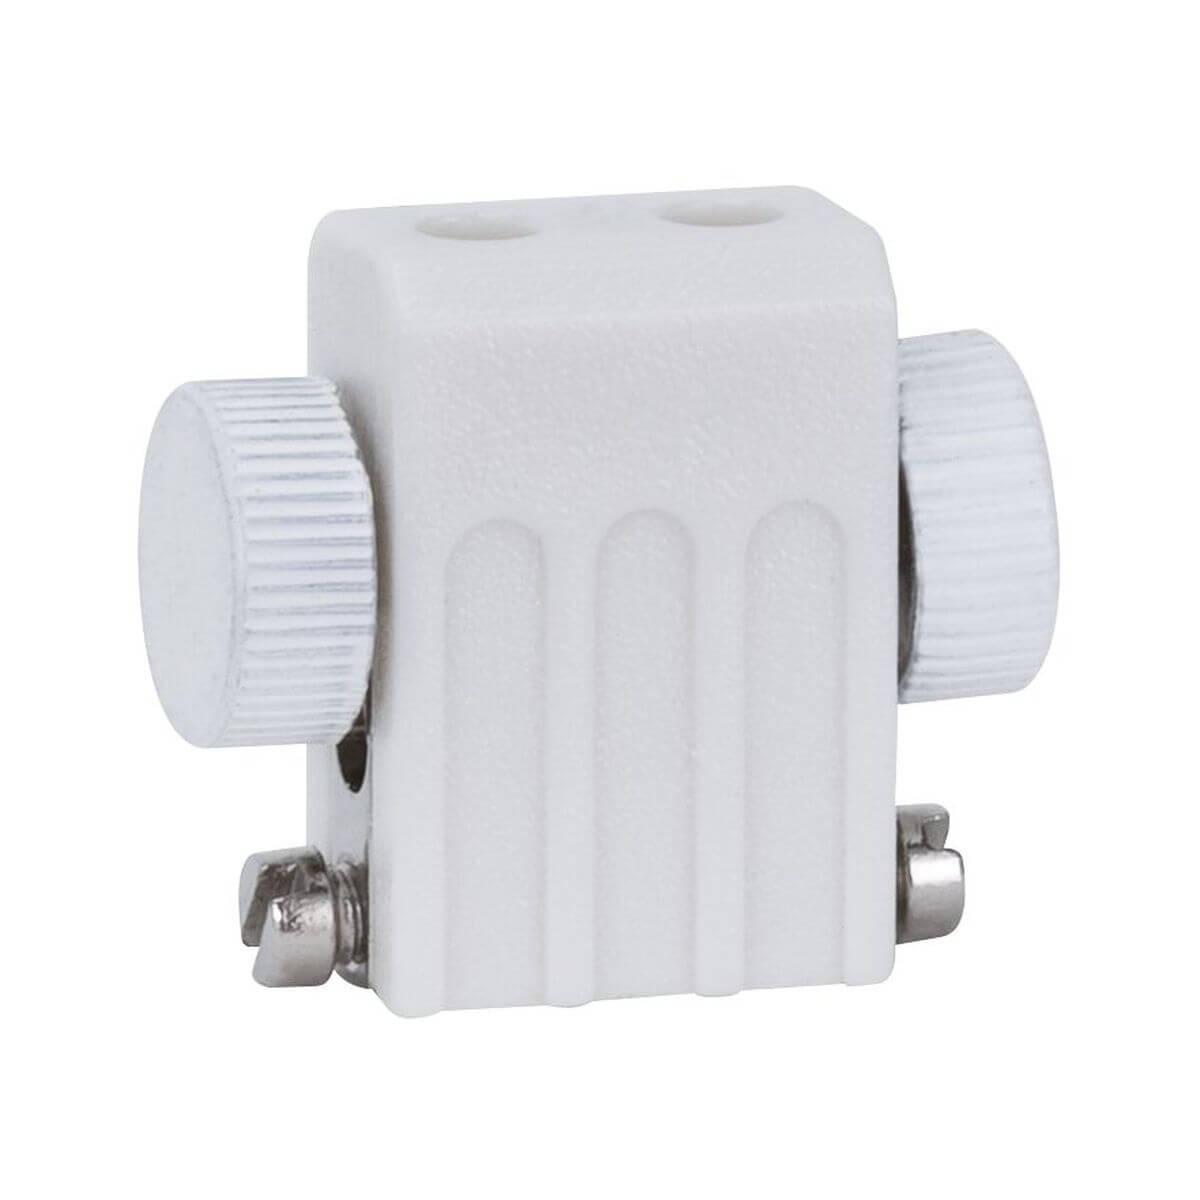 PaulmannSeil-Zubehör, Lampenhalter, GX5,3, 12V, Weiß